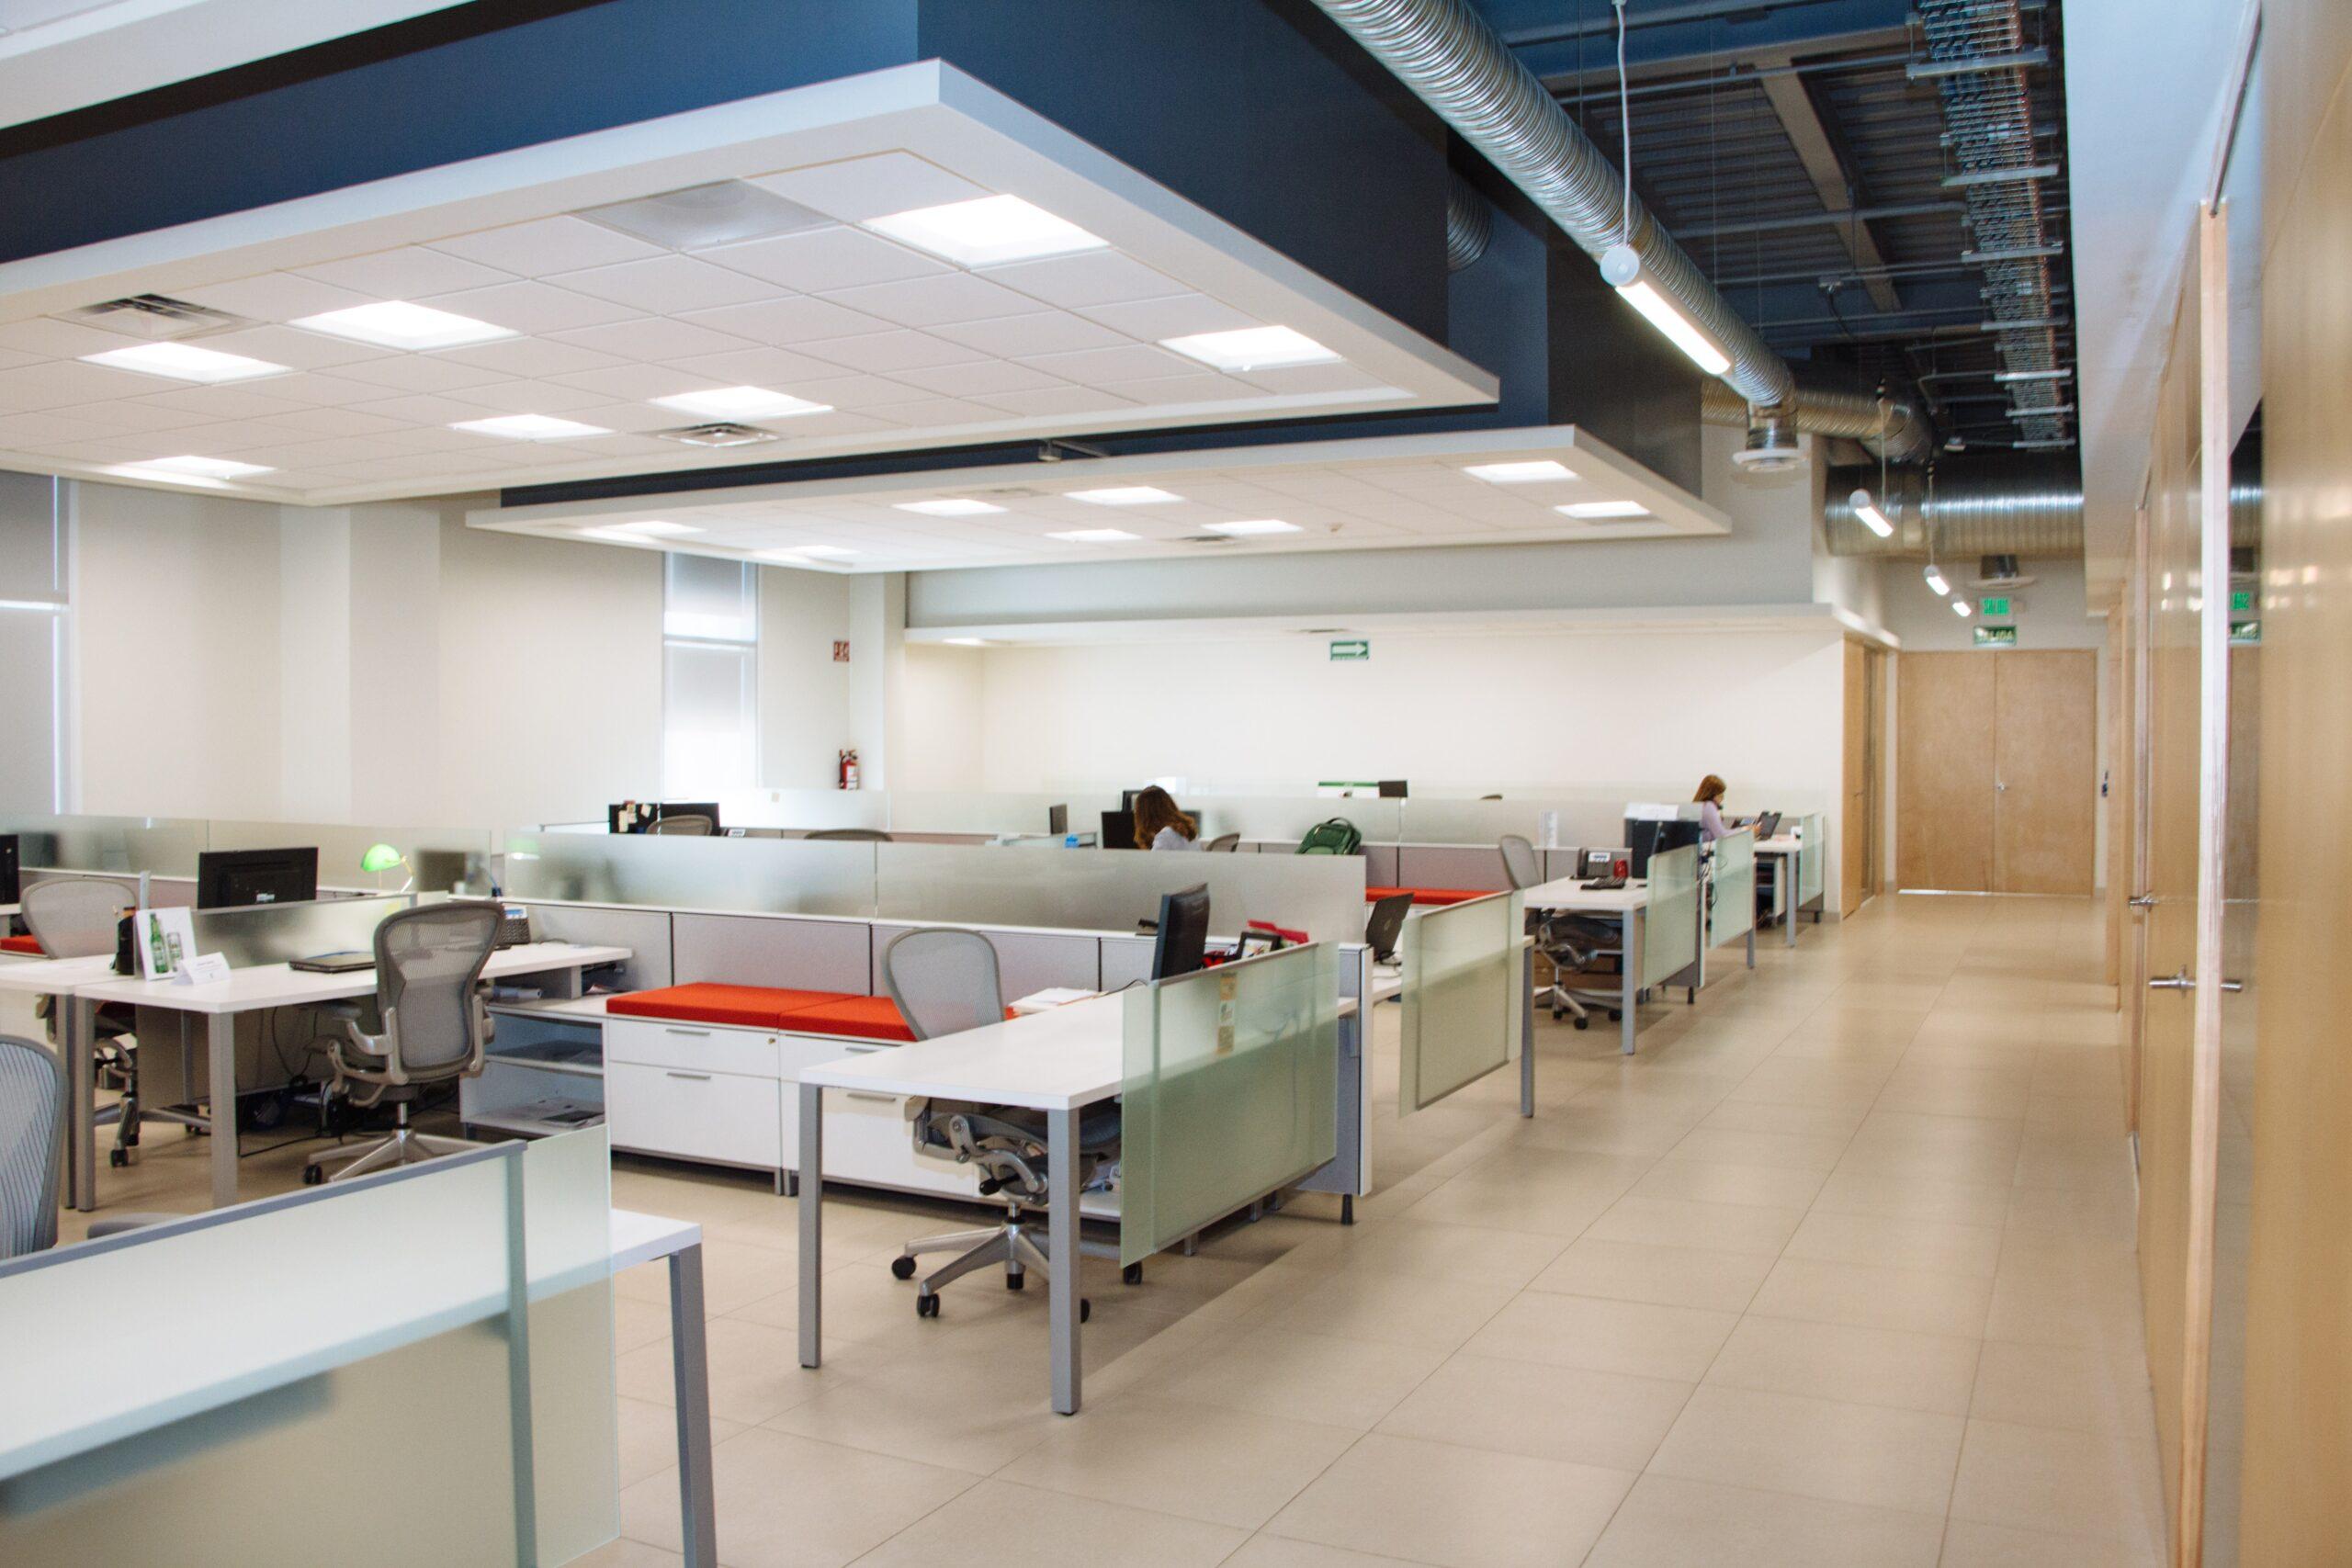 こんなオフィス内装はNG④社員一人一人が集中できるスペースがない